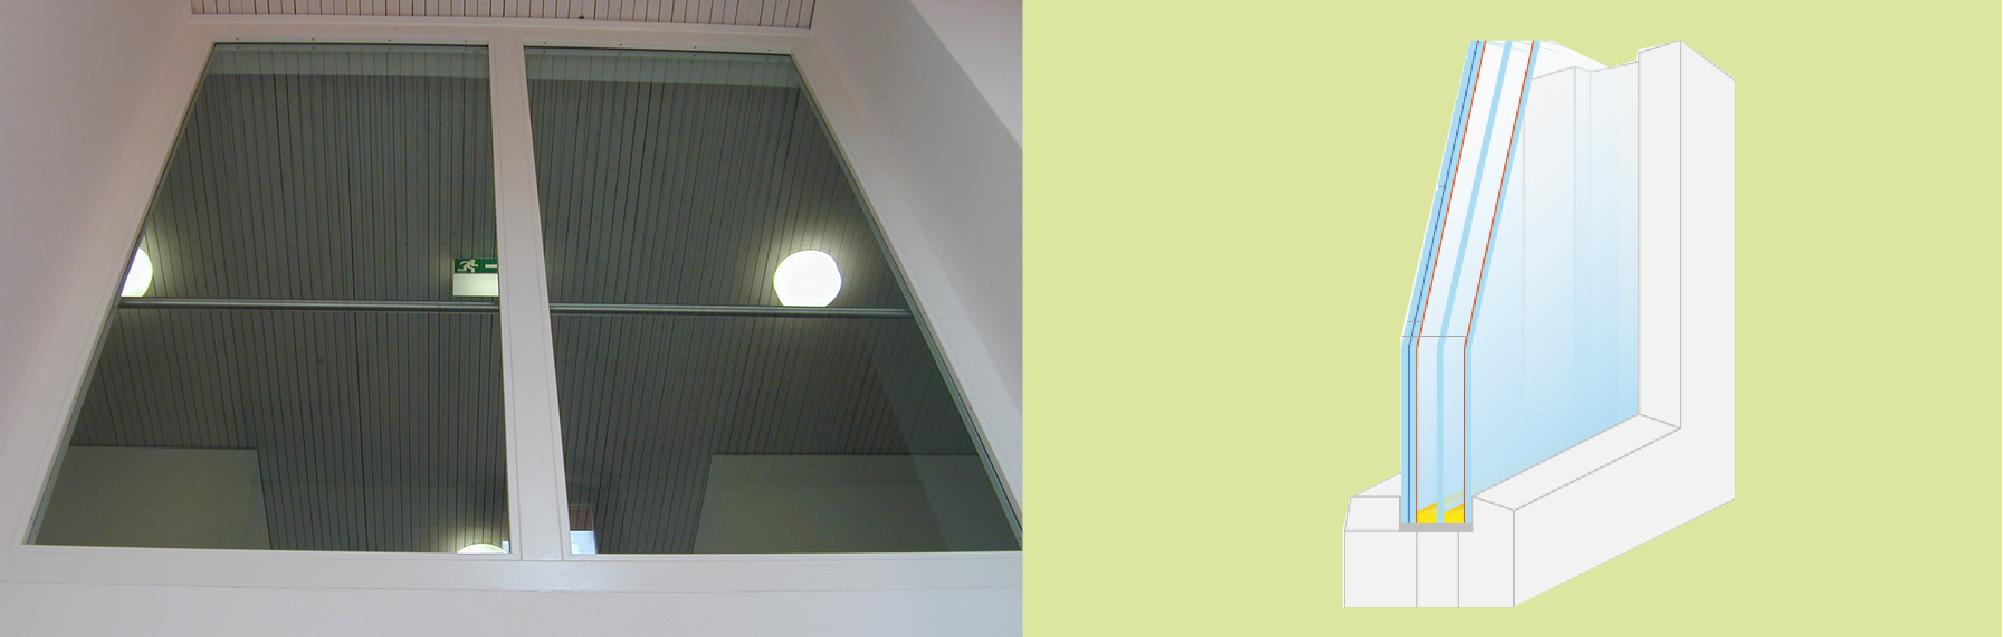 Ugunsdrošo stikla konstrukciju drošība logs šķērsgriezums